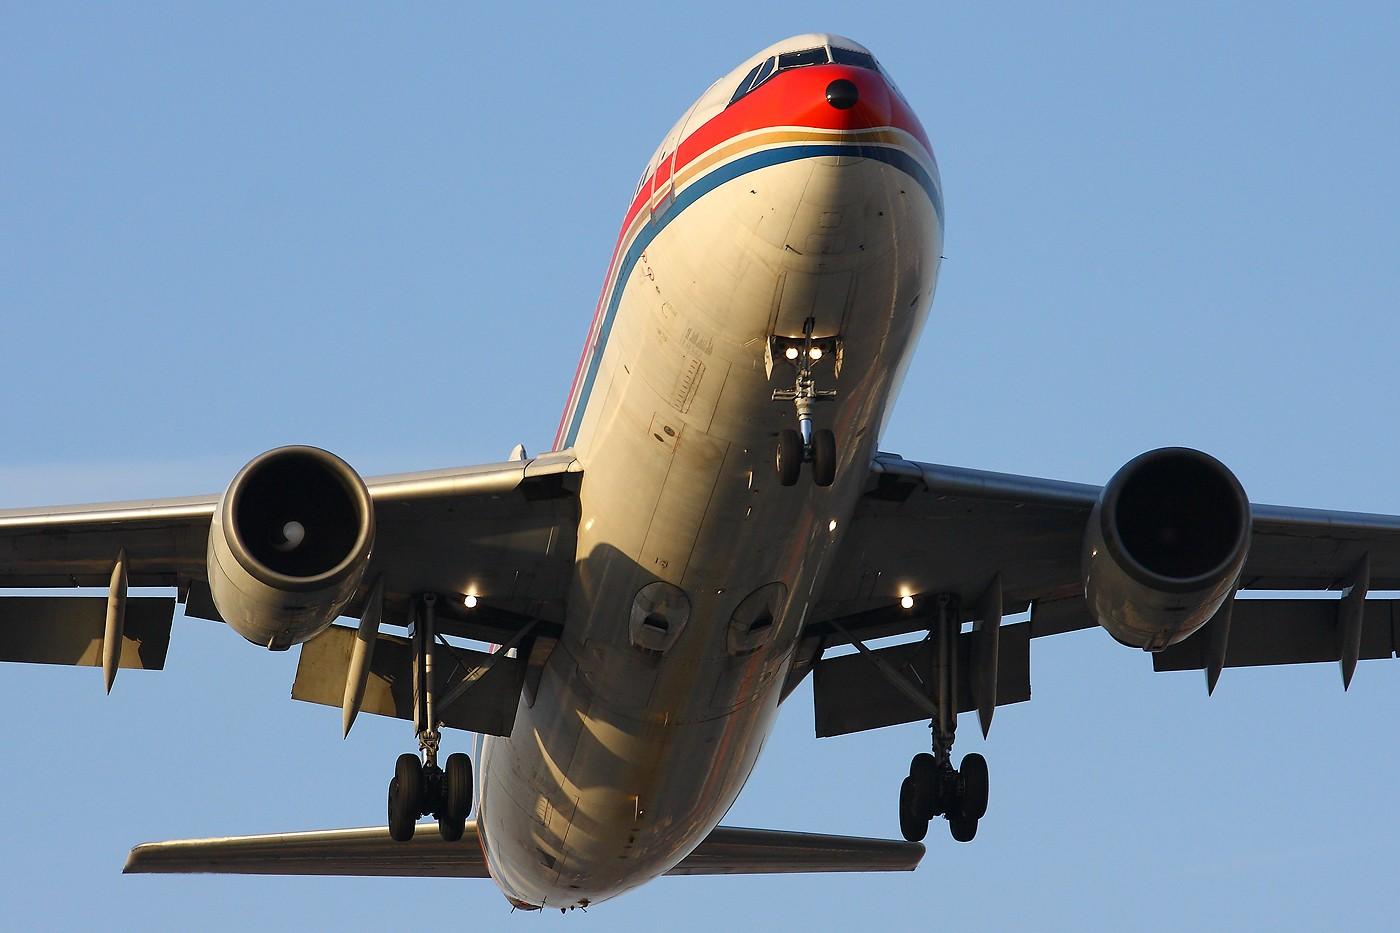 Re:[原创]【 ♠ J 】 旧的不去 新的不来 新跑道启用倒计时 AIRBUS A300B4-605R B-2330 中国上海虹桥机场